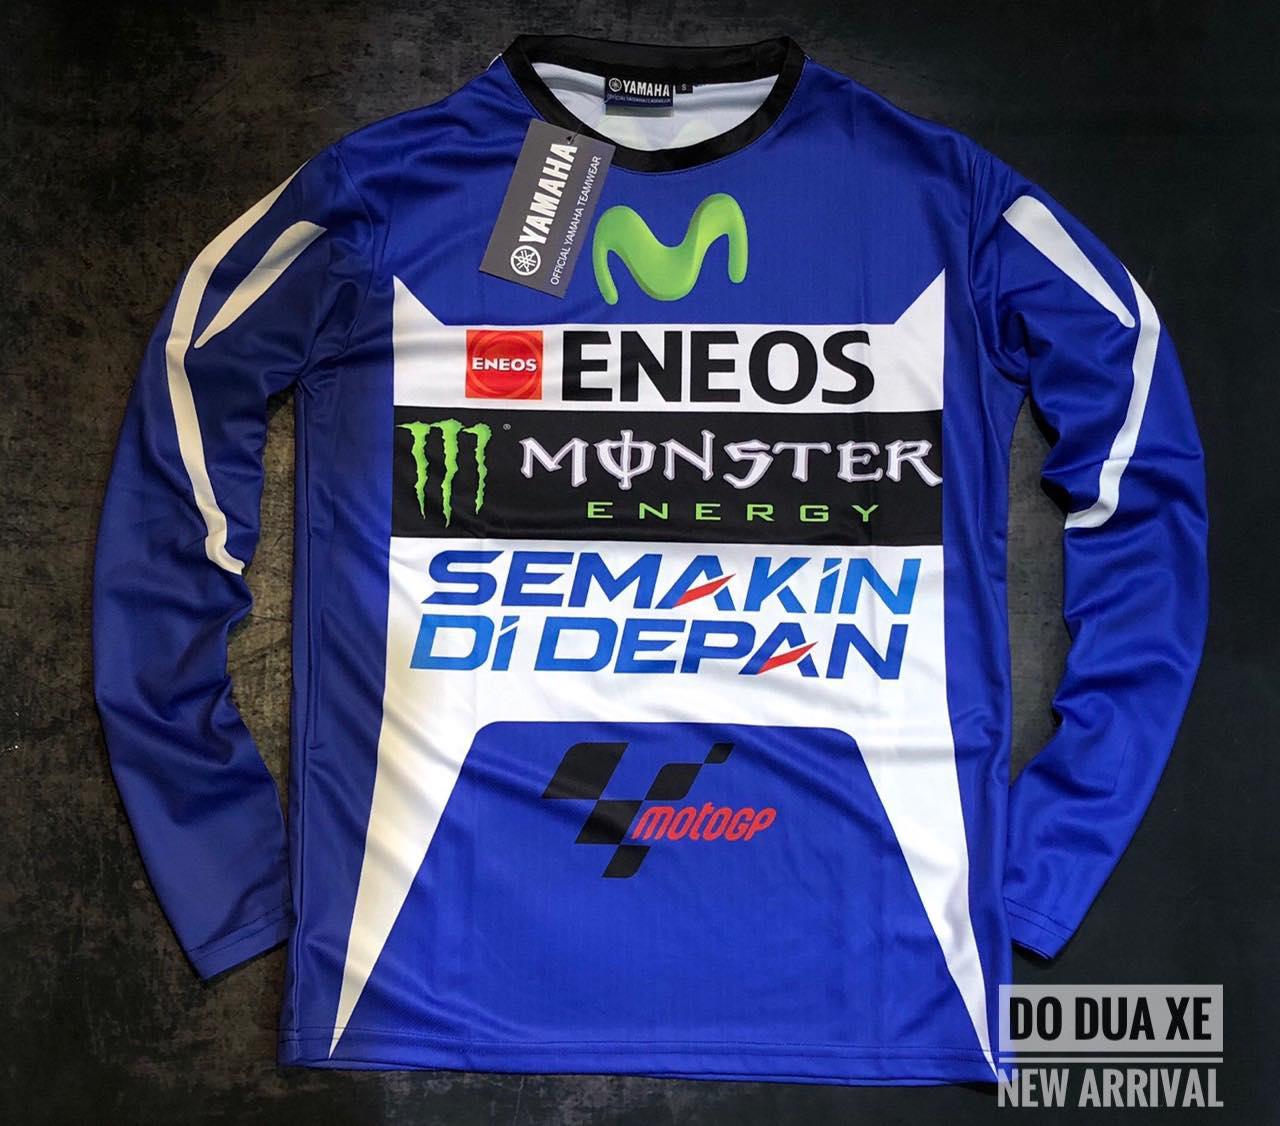 doduaxe.com: Chuyên cung cấp quần áo phụ kiện đua xe - 9